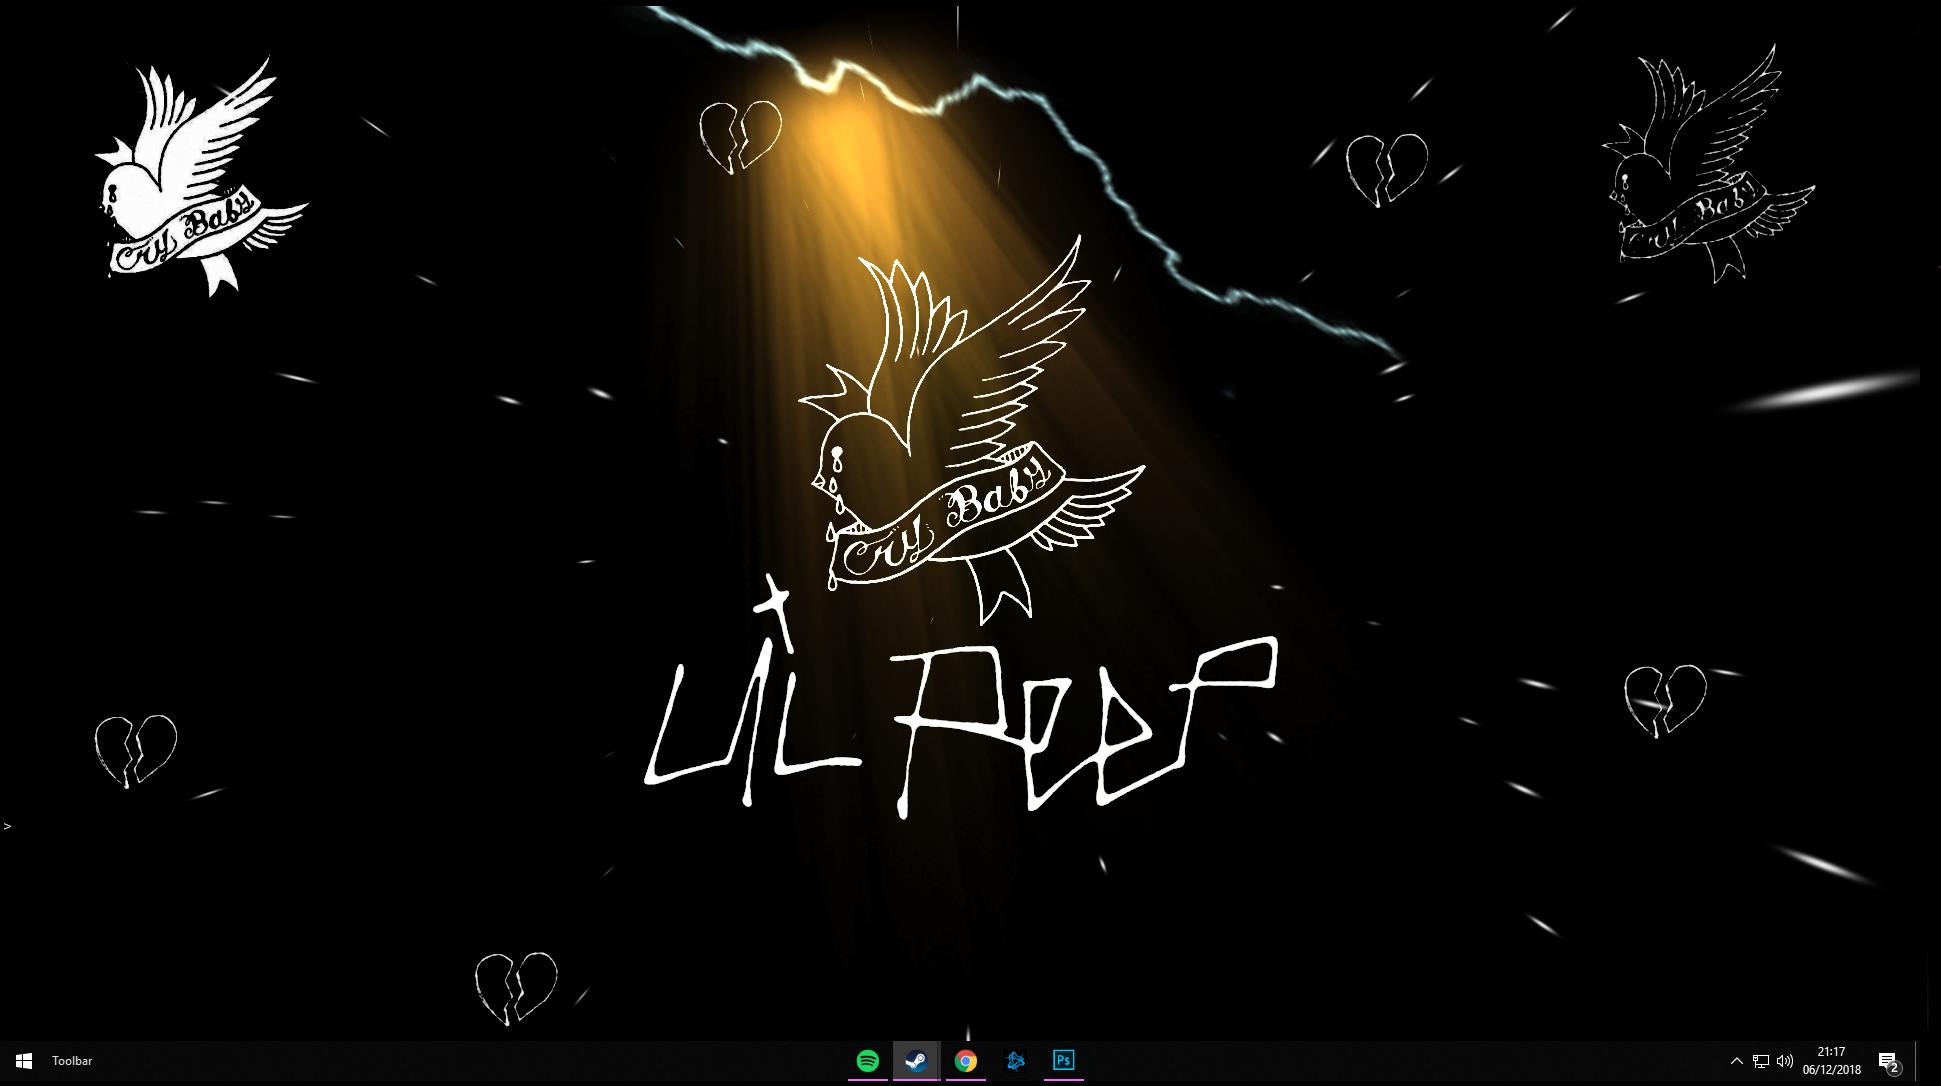 Steam Workshop Lil Peep Background